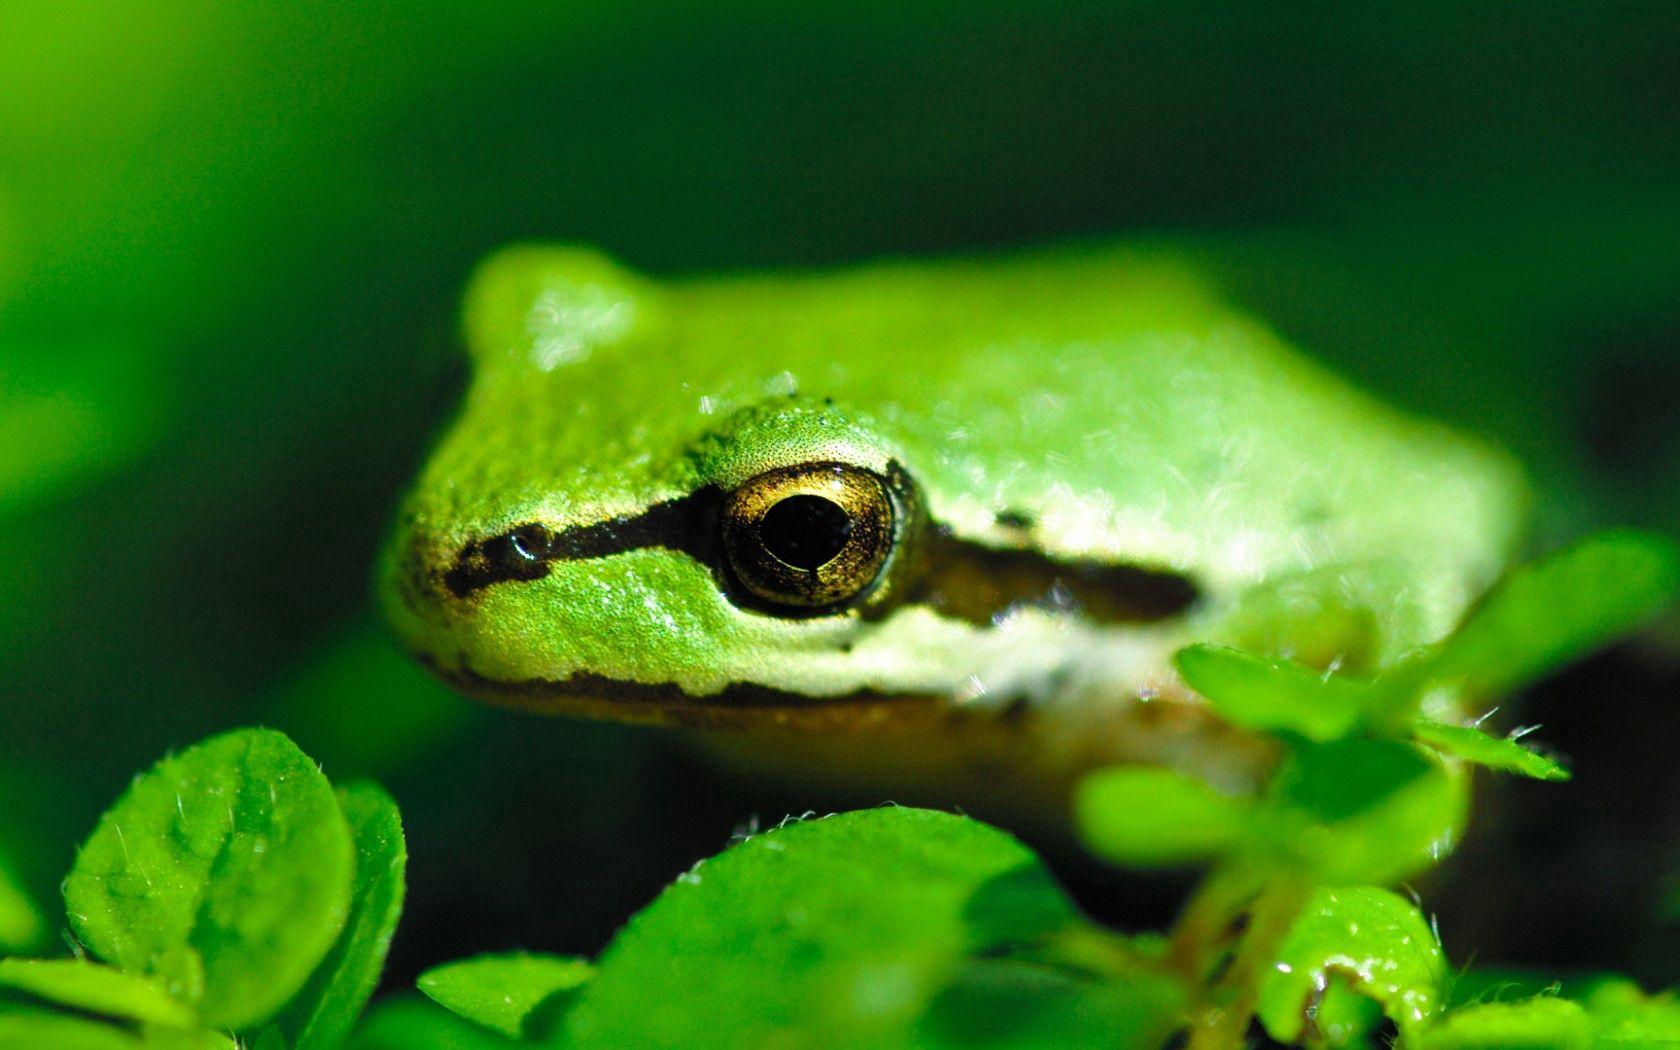 98245 скачать обои Животные, Лягушка, Пруд, Зеленая, Полосы, Листья - заставки и картинки бесплатно